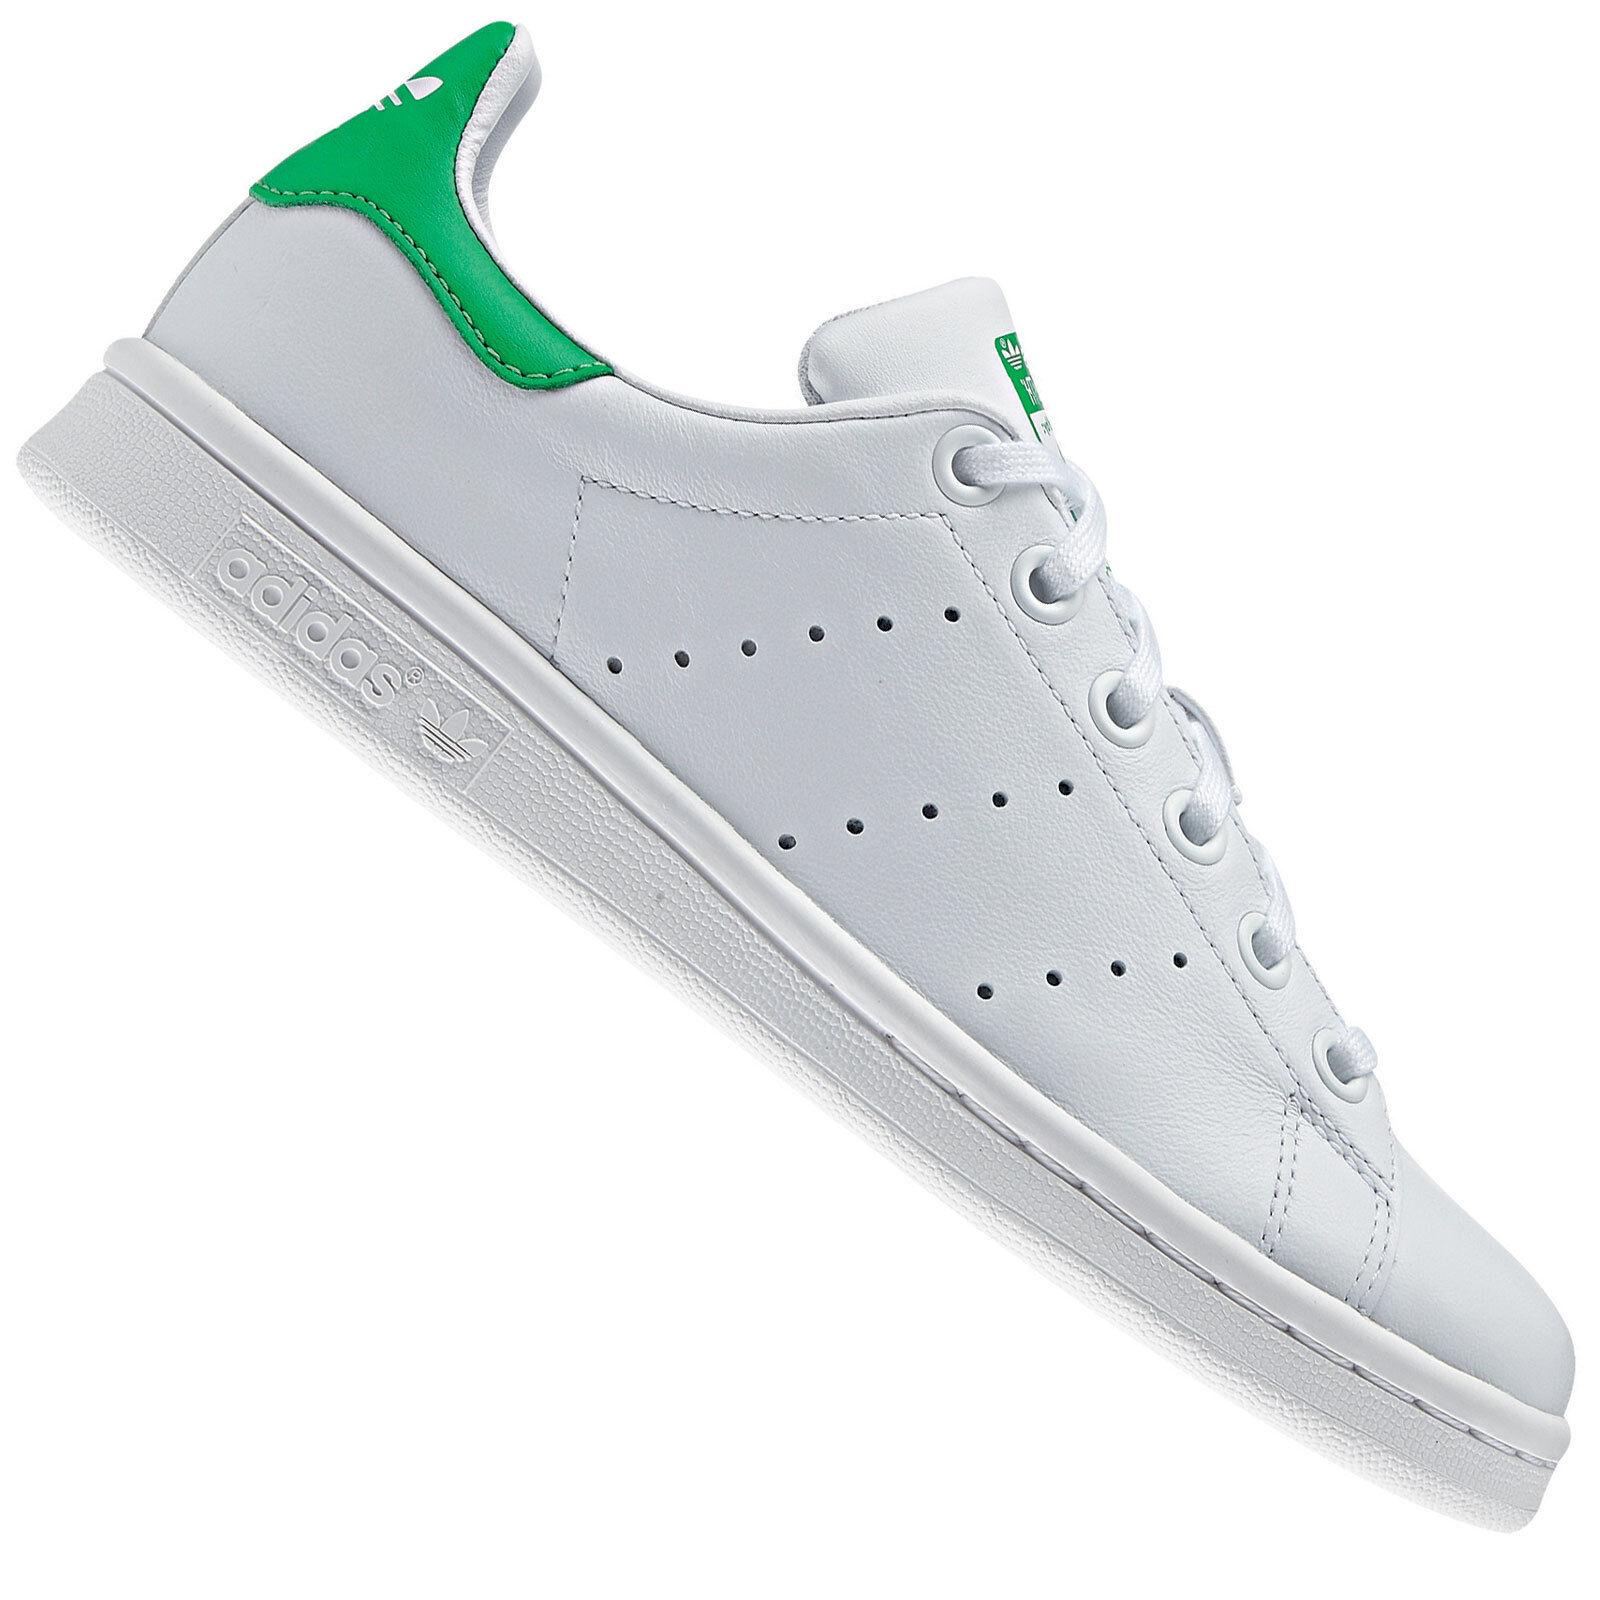 Adidas señora Originals Stan Smith J señora Adidas para zapatillas de m20605 Blanco/Verde zapatillas de deporte zapatos 112add